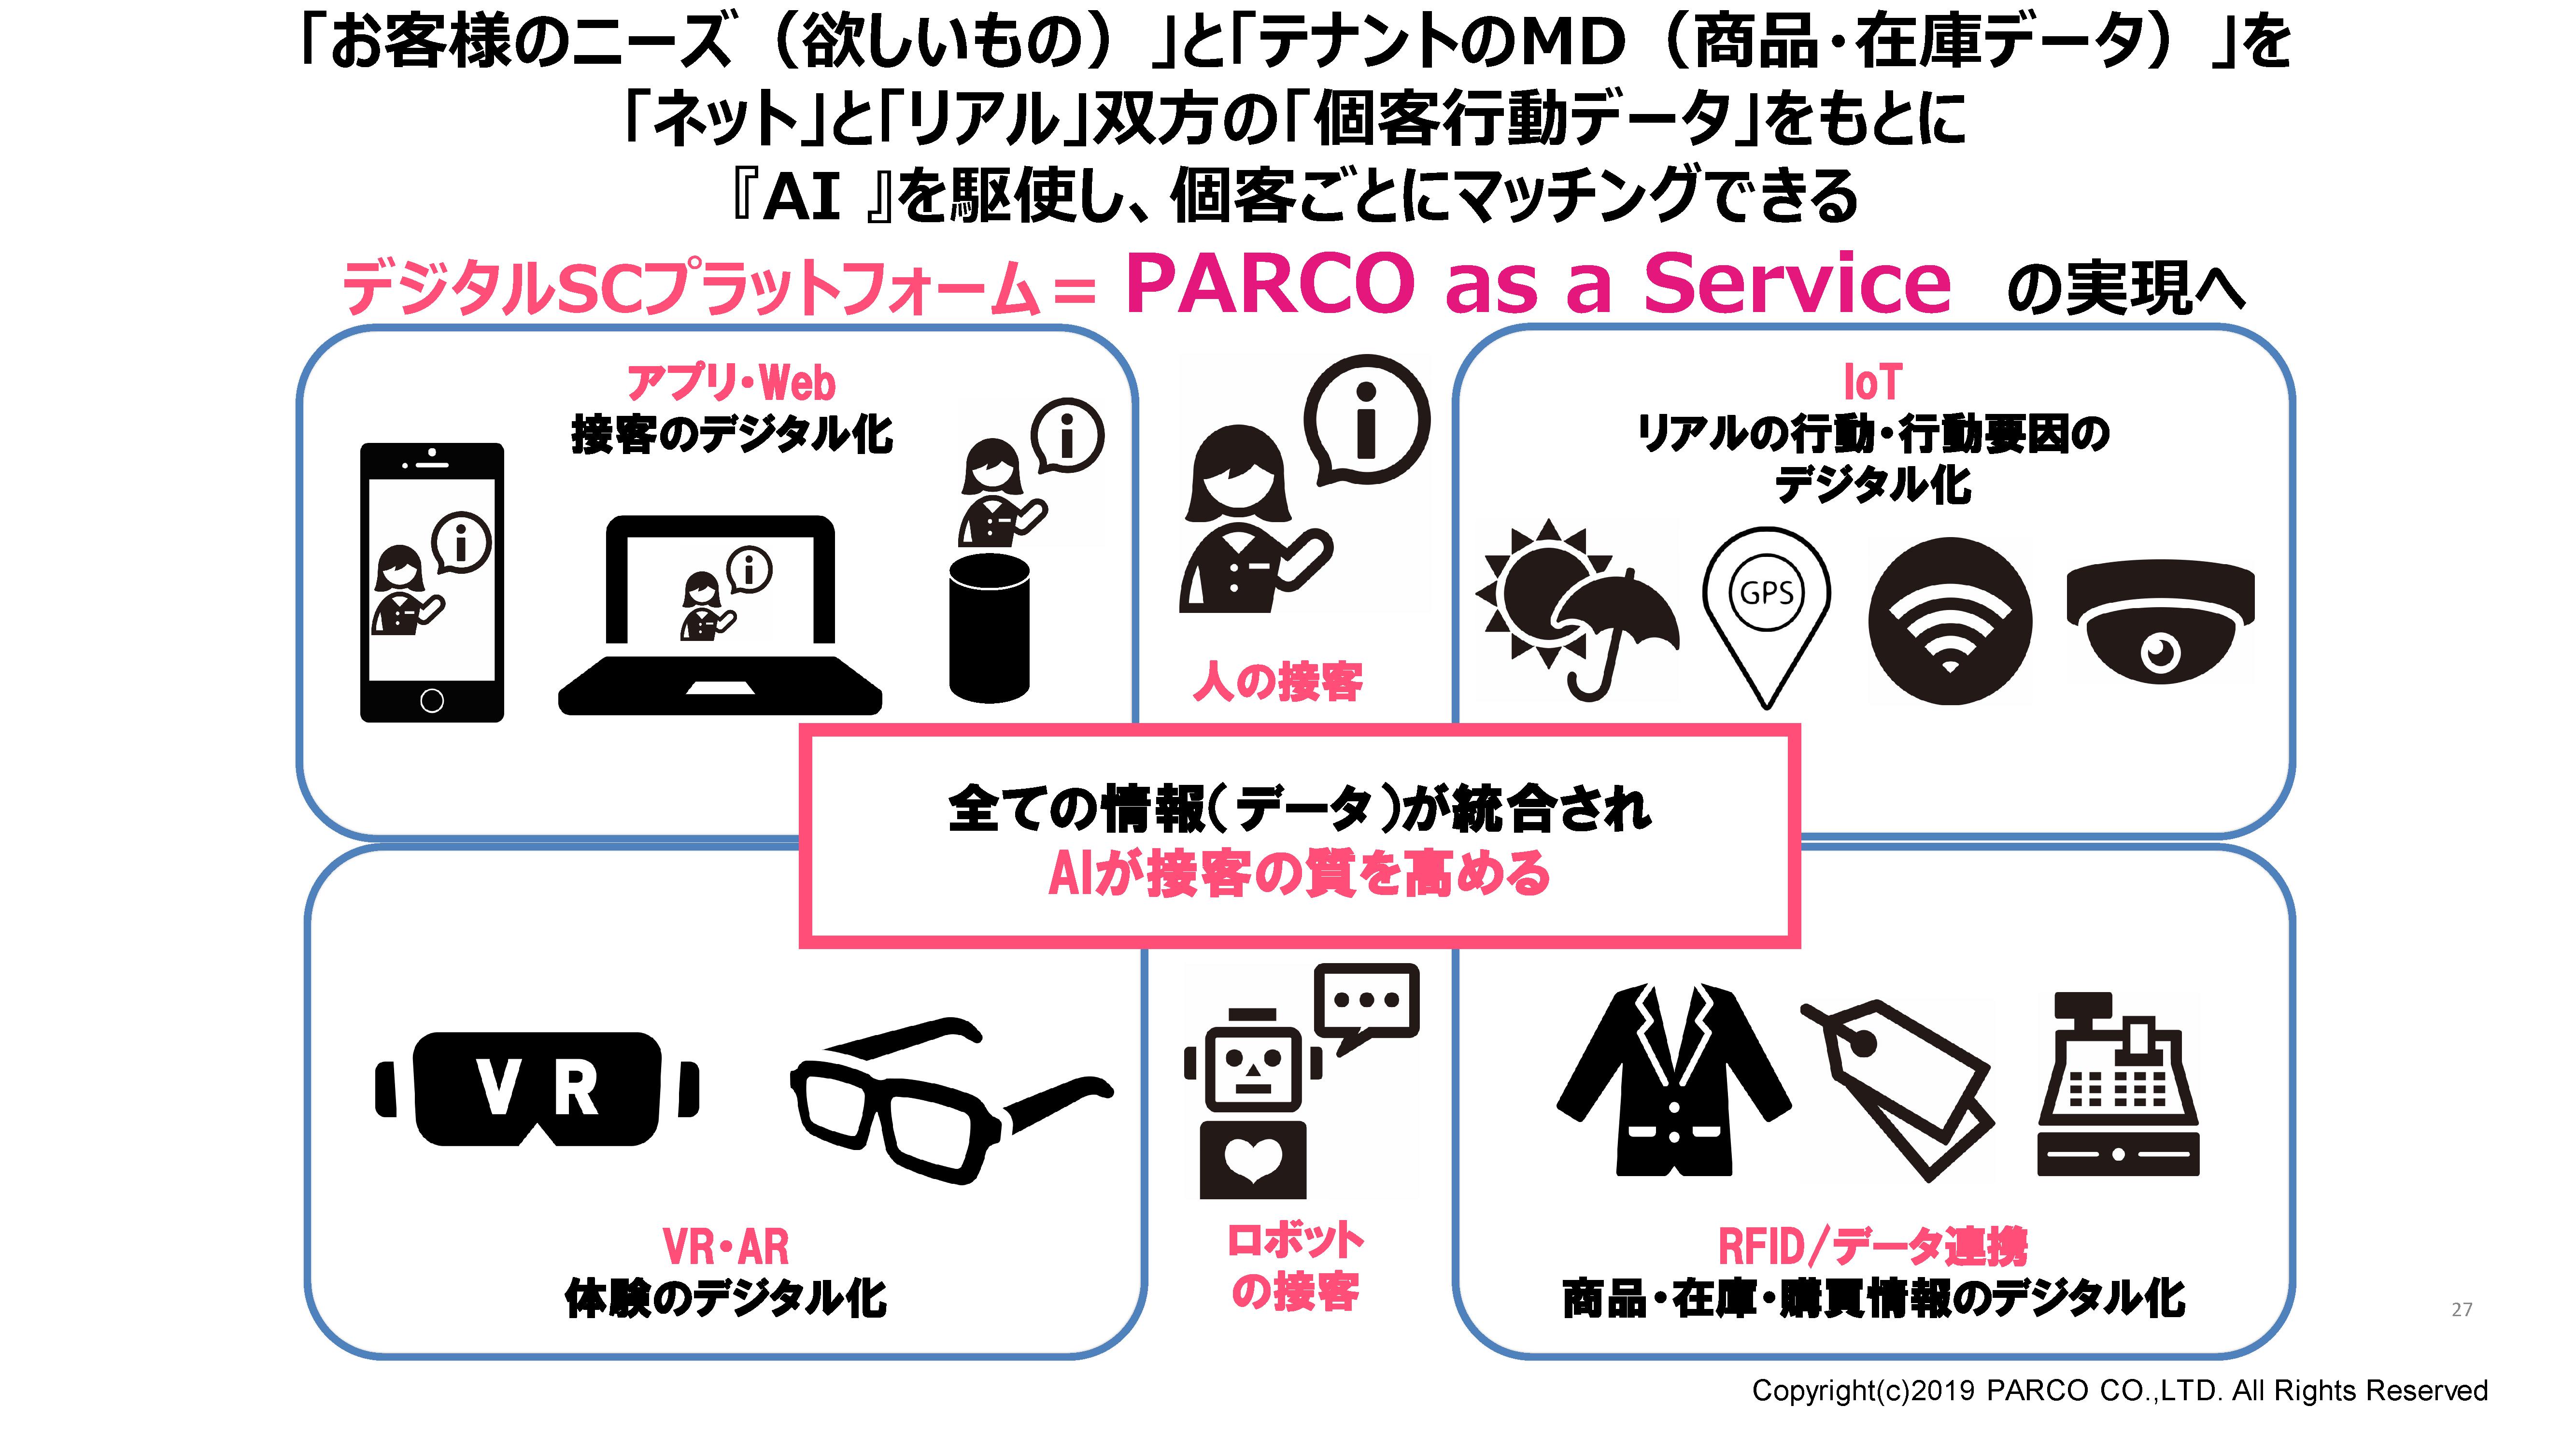 PARCO as a Service